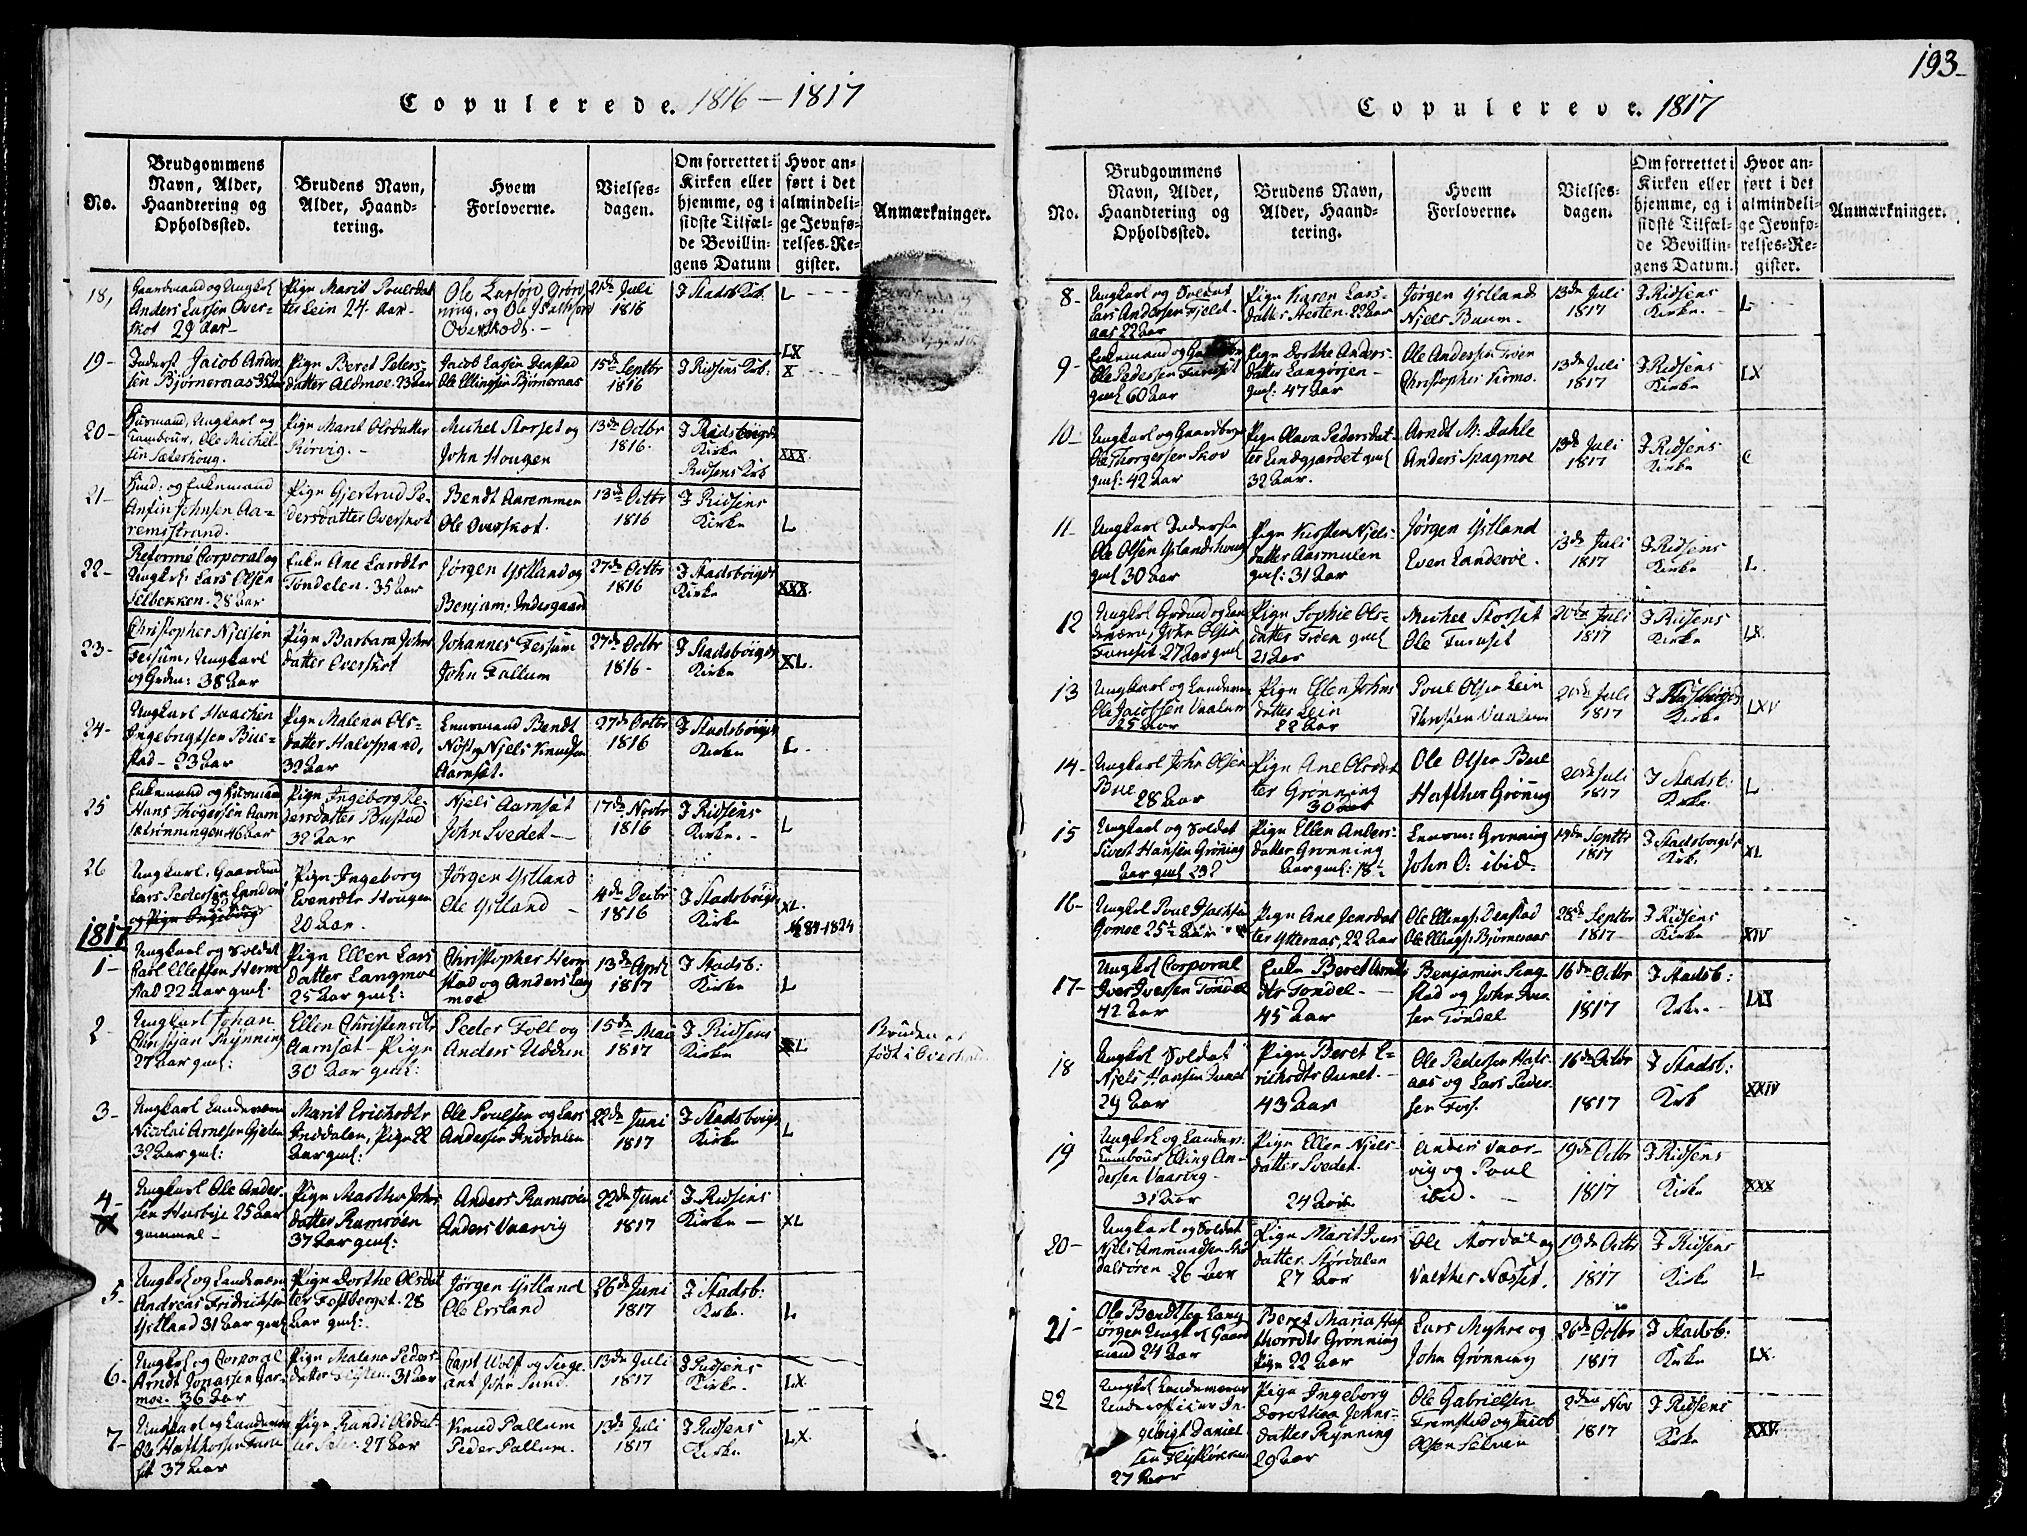 SAT, Ministerialprotokoller, klokkerbøker og fødselsregistre - Sør-Trøndelag, 646/L0608: Ministerialbok nr. 646A06, 1816-1825, s. 193